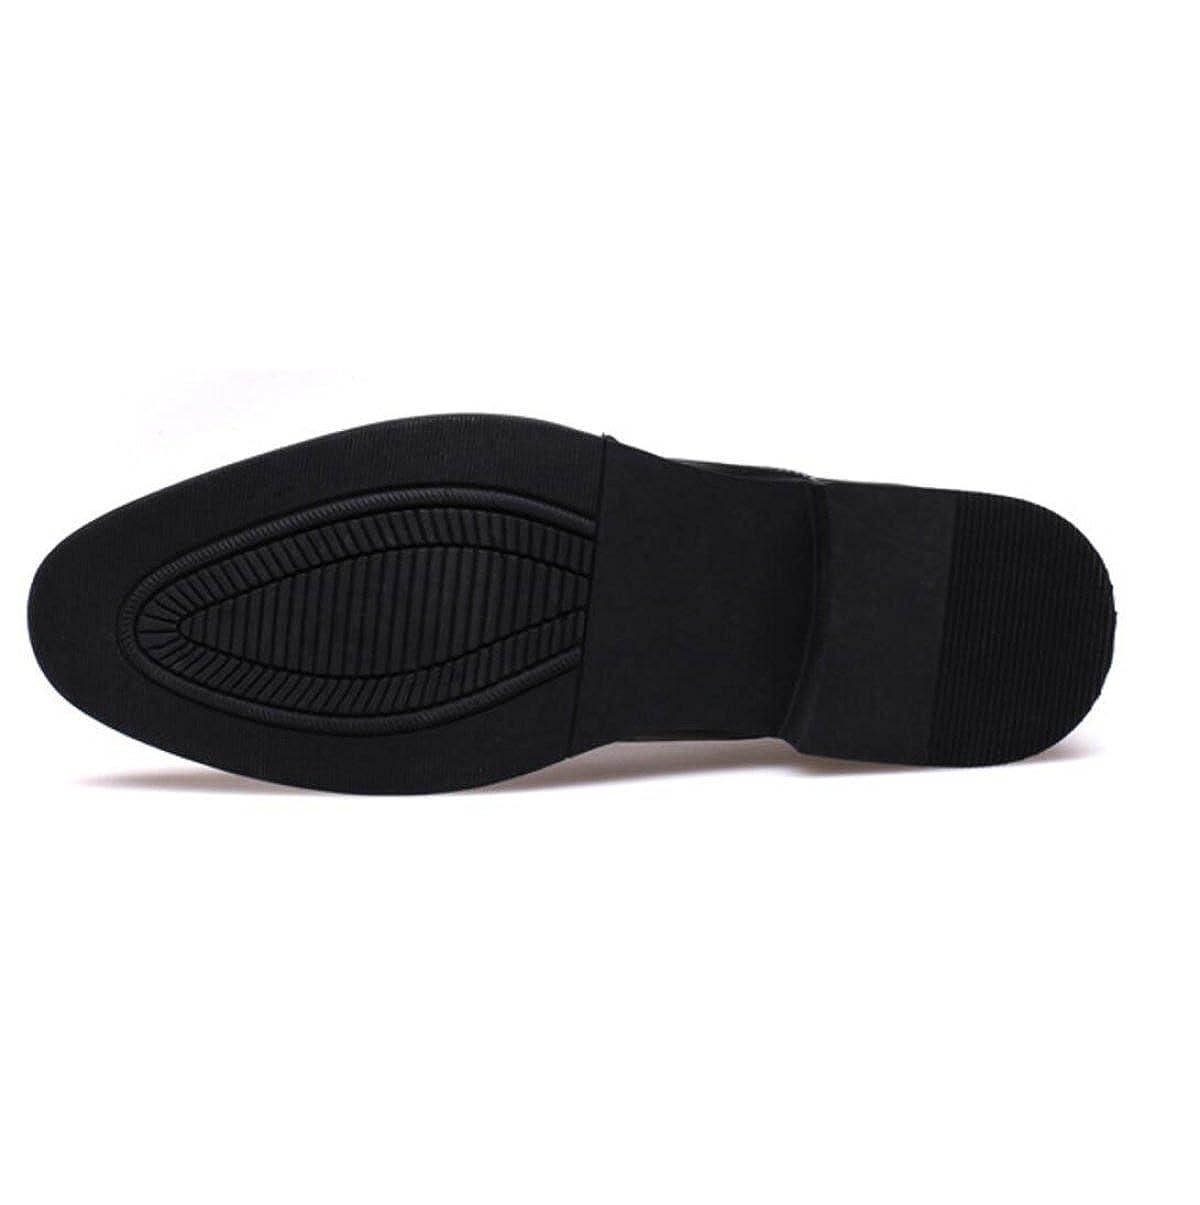 Männer Schuhe Koreanisch Spitzenschuhe Spitz Freizeitschuhe Mode Koreanisch Schuhe Mode Schuhe schwarz 7f12f0